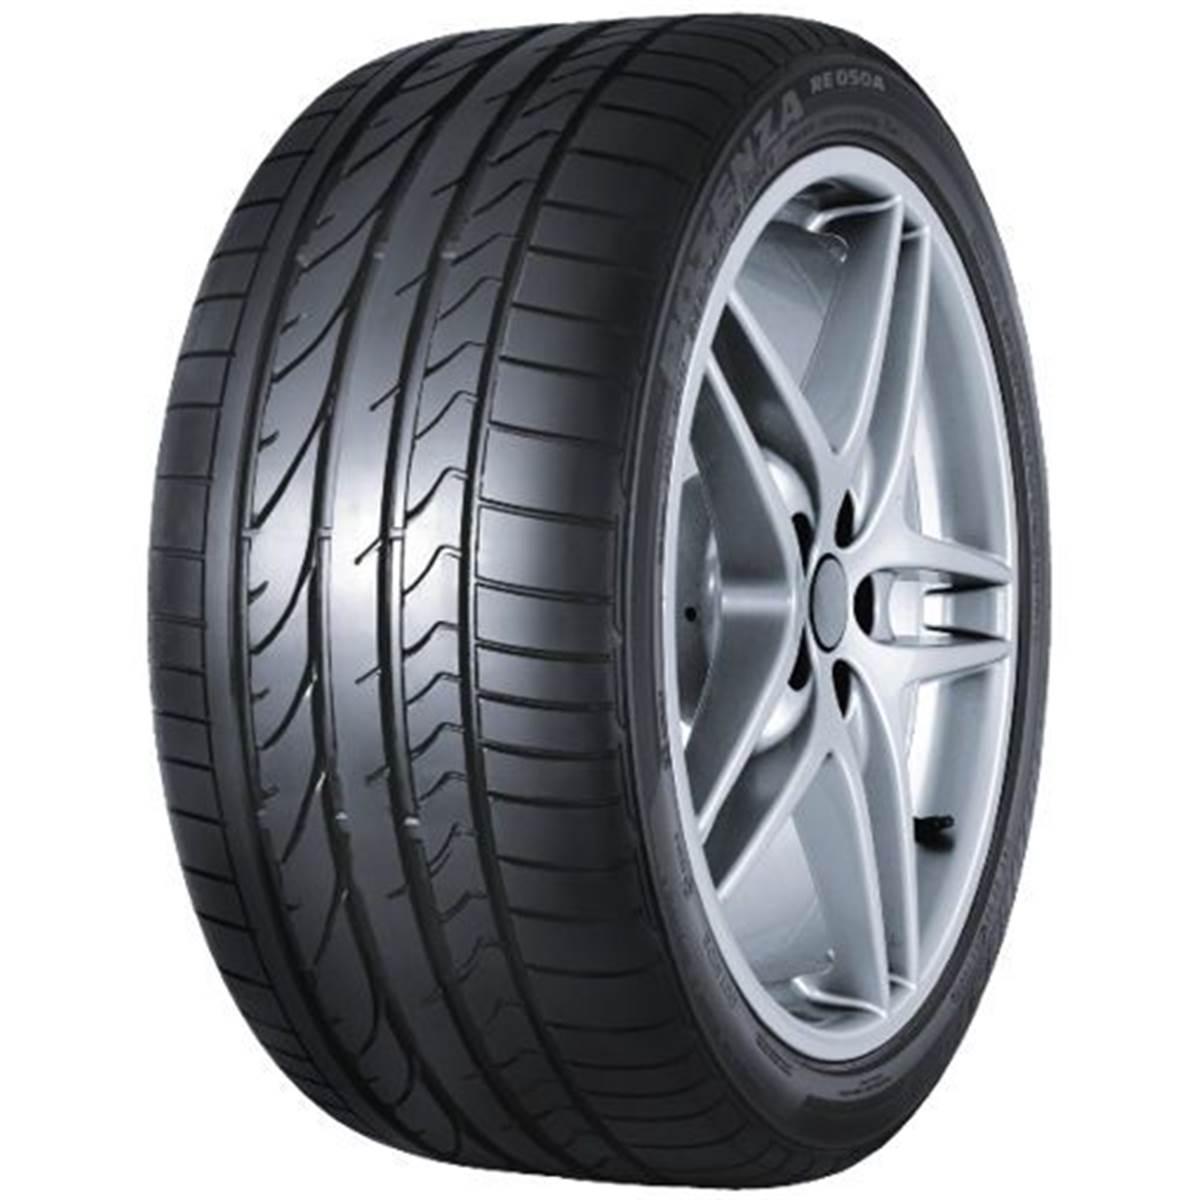 Pneu Bridgestone 255/40R18 95Y Potenza Re050A